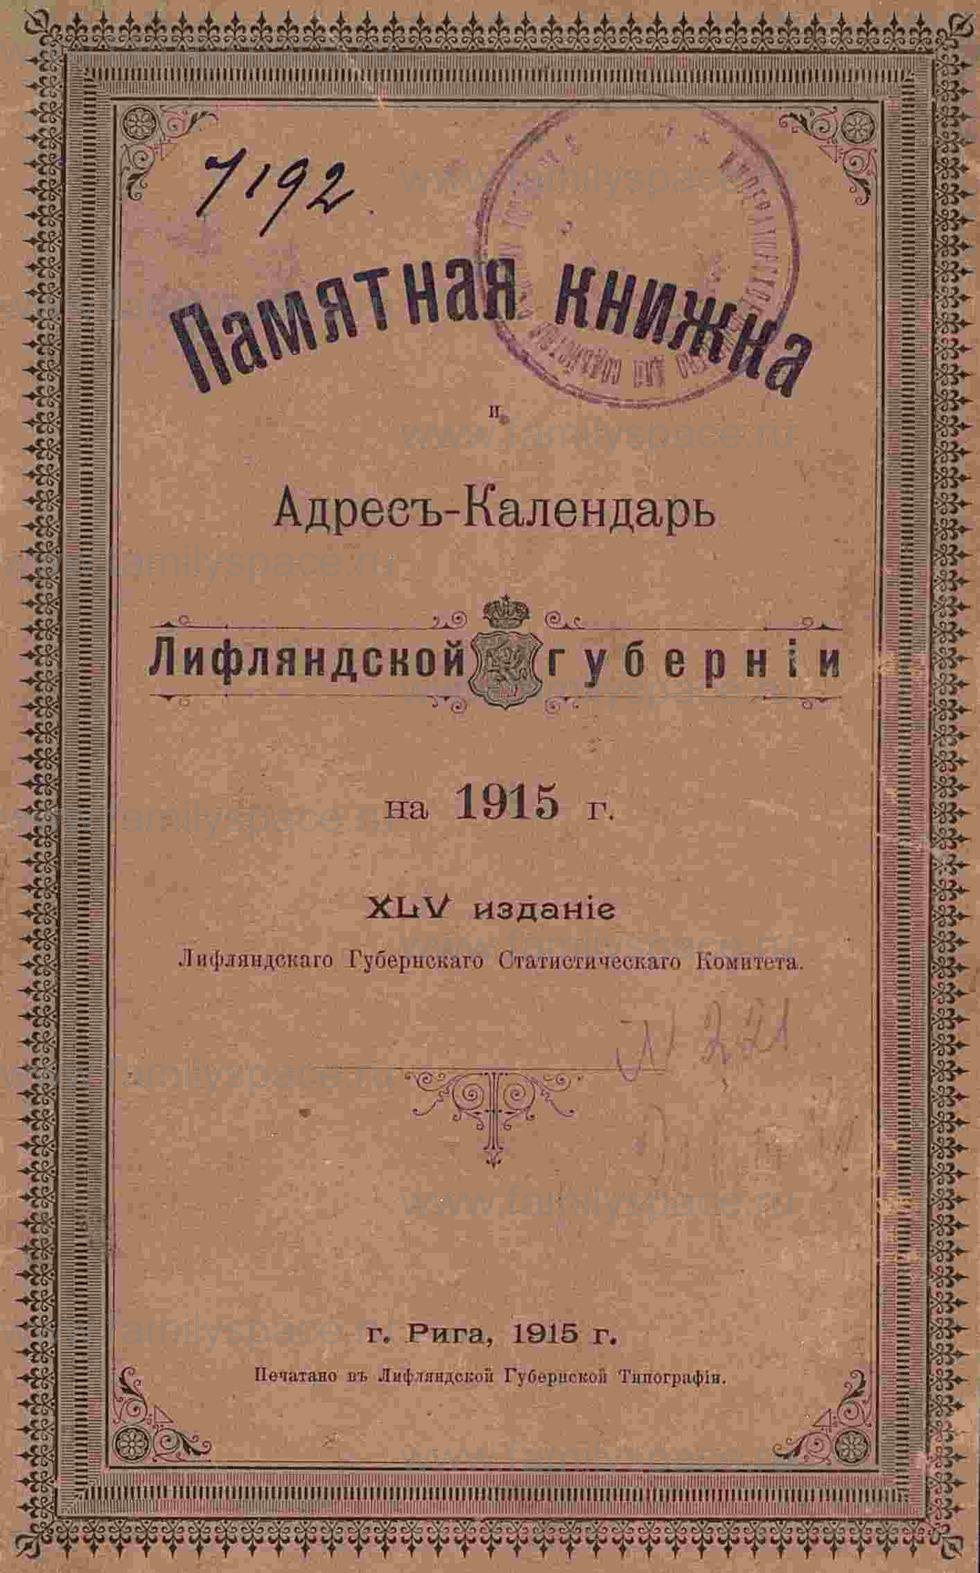 Поиск по фамилии - Памятная книга и адрес-календарь Лифляндской губернии на 1915 г, страница 1